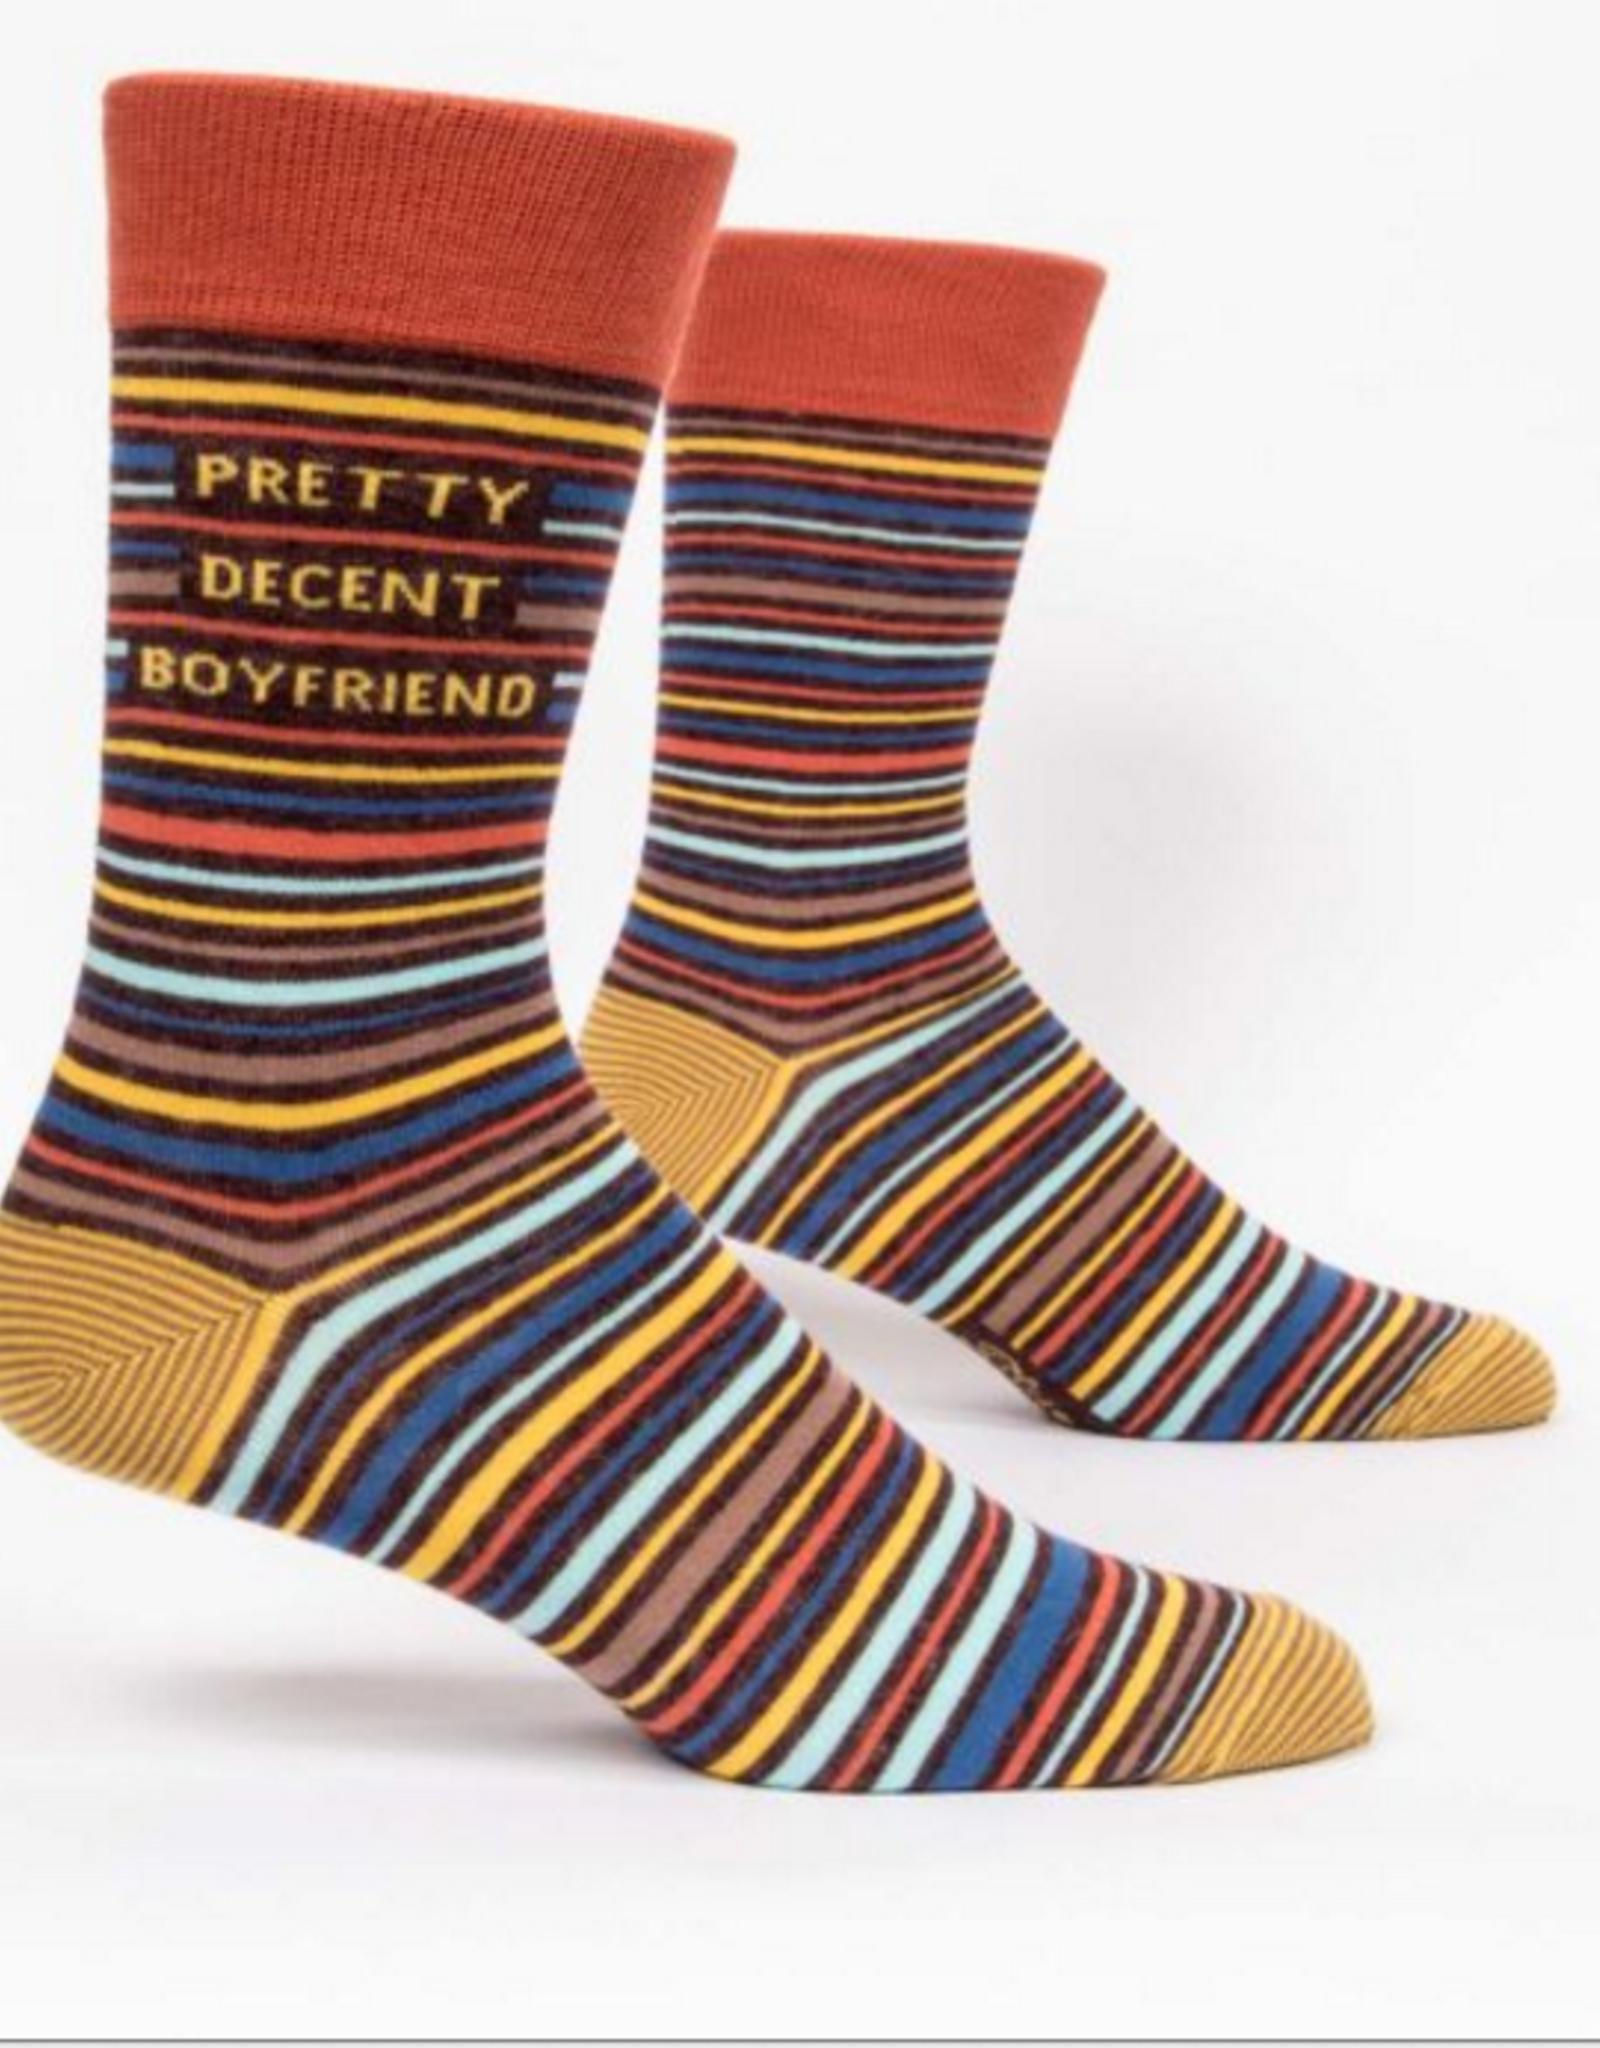 Blue Q Men's Socks - Pretty Decent Boyfriend